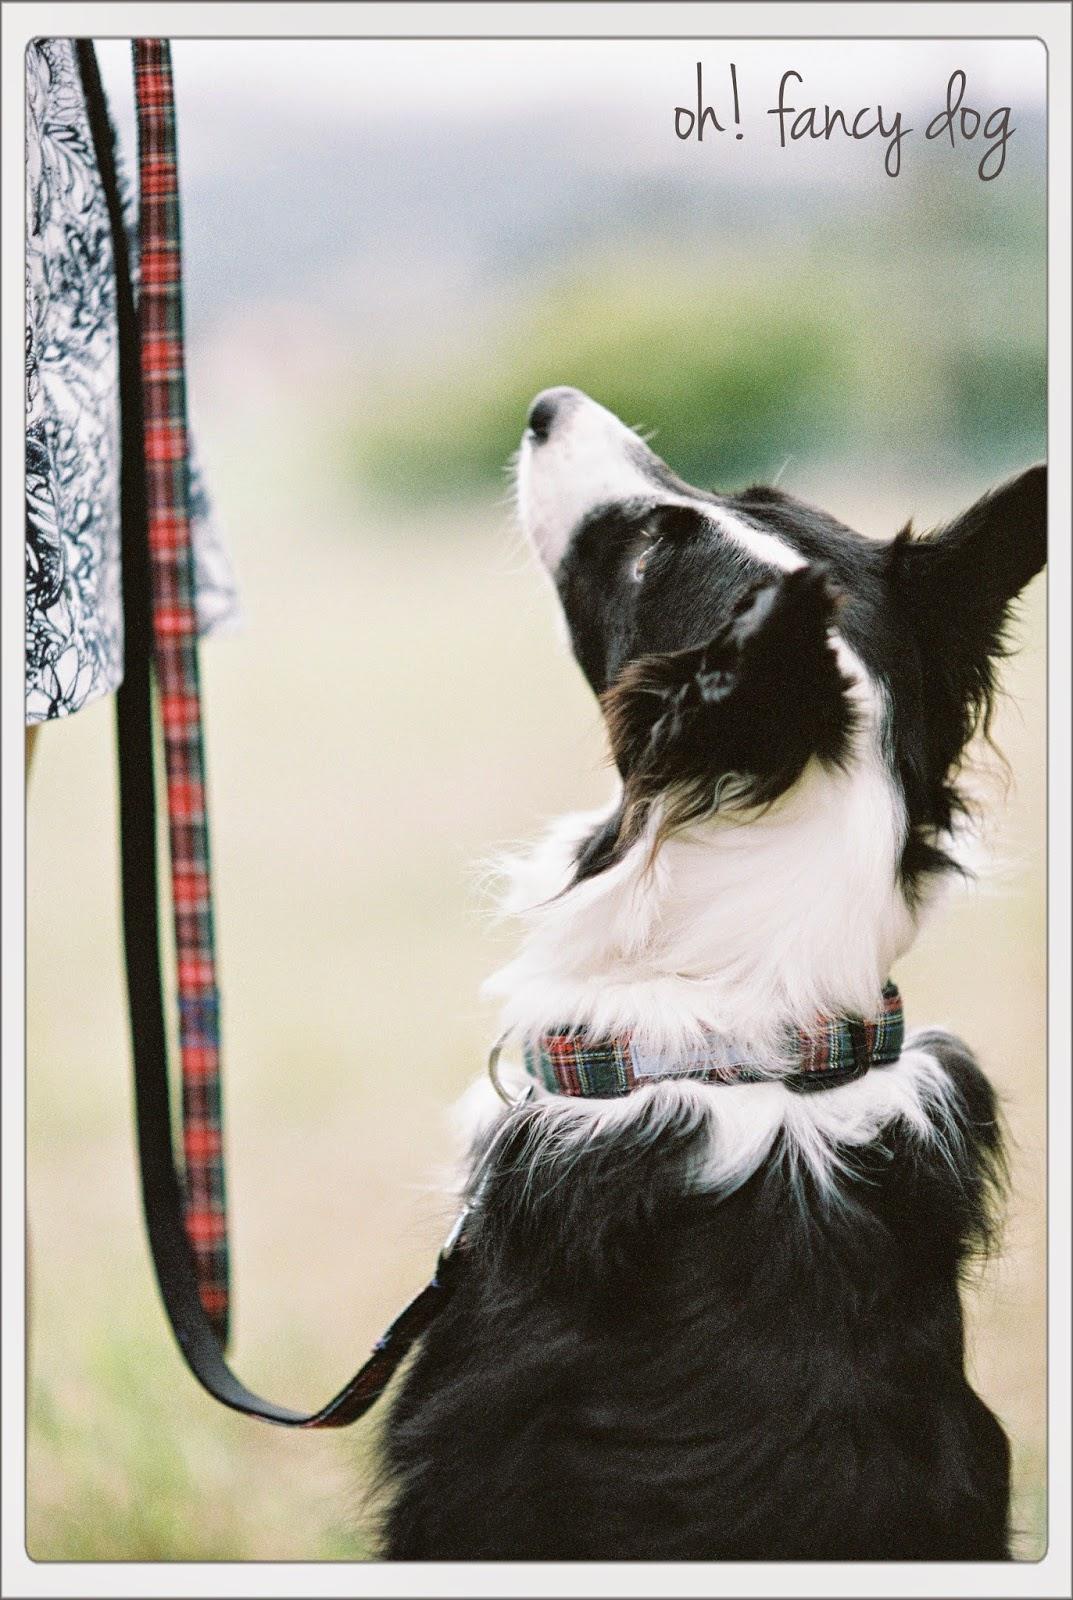 collares y correas hechas a mano para perro por oh! fancy dog